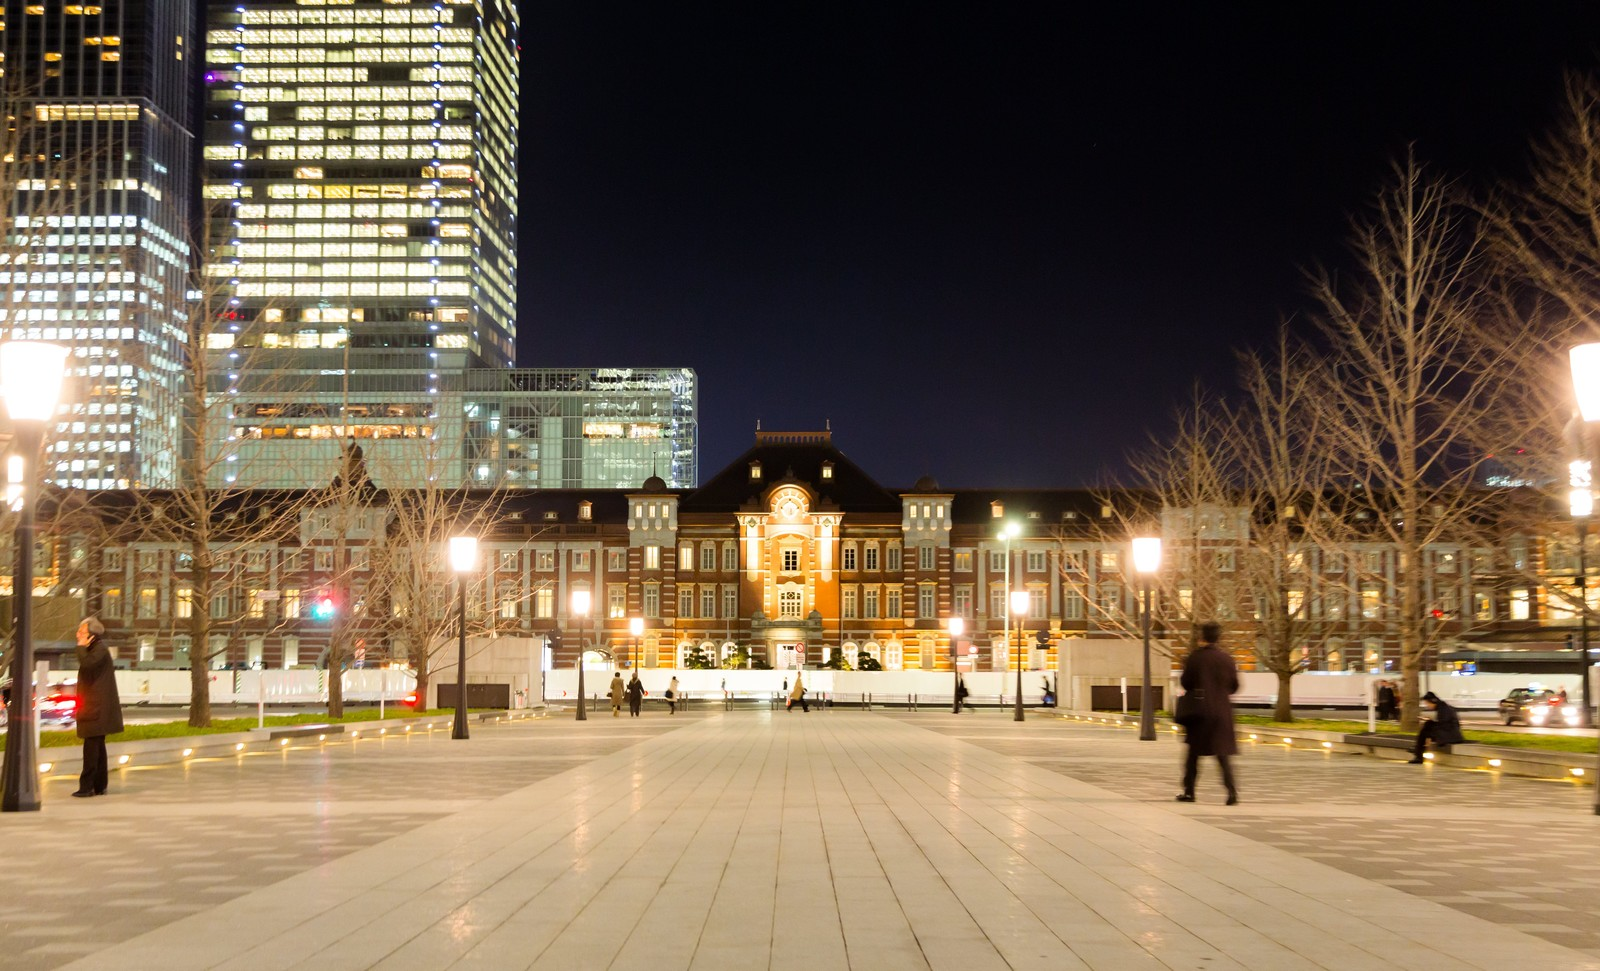 「東京駅正面(夜景)東京駅正面(夜景)」のフリー写真素材を拡大